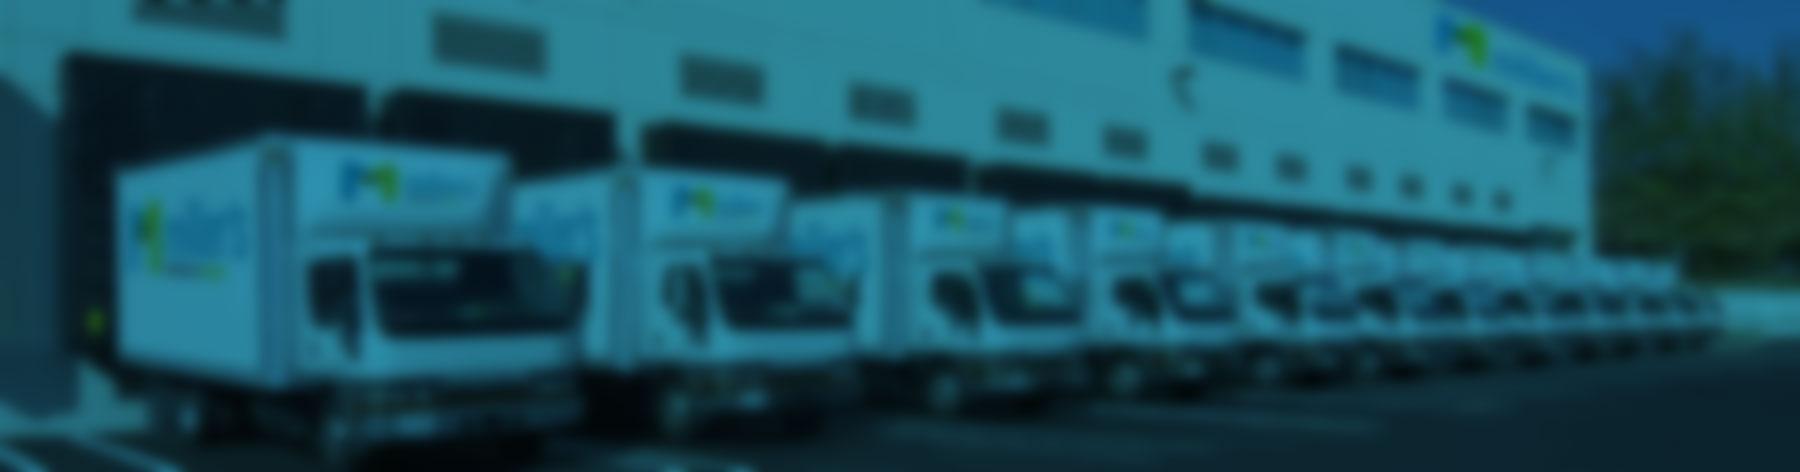 millers-trucks-bg.jpg